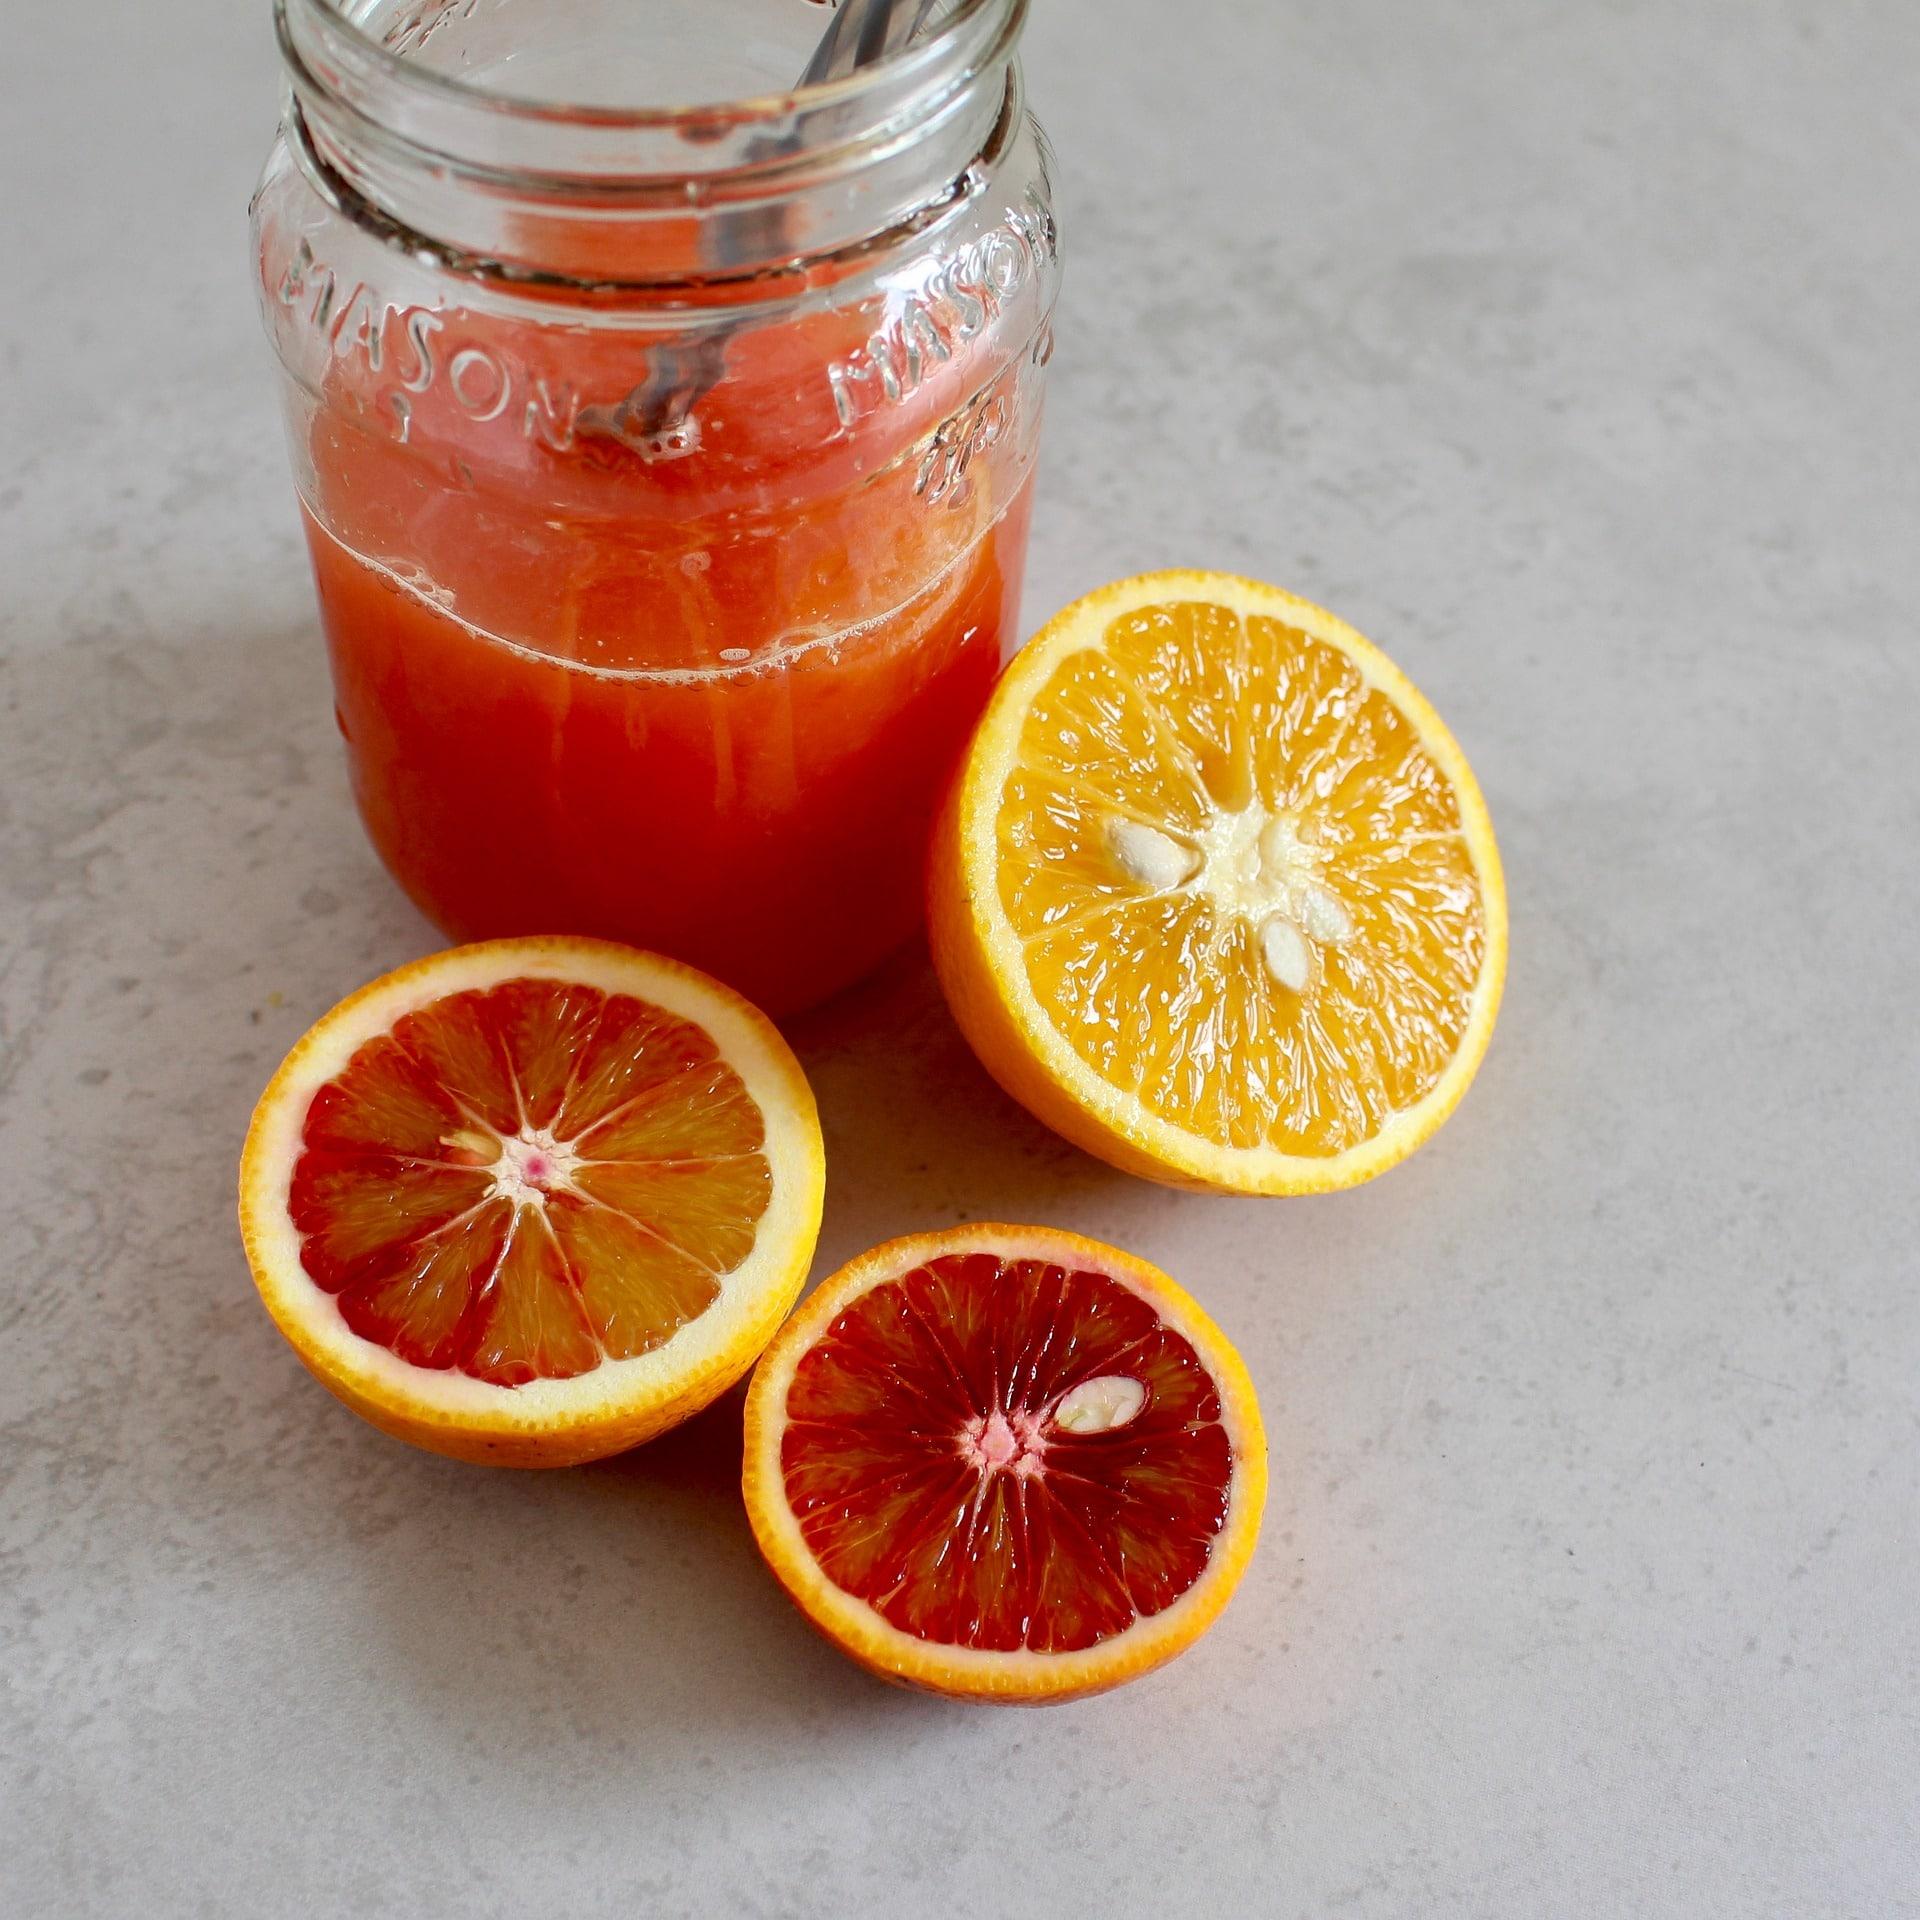 Pomerančová š´táva je kvalitním zdrojem vitamínu C, vápníku, hořčíku, fosforu a draslíku / foto: pixabay.com